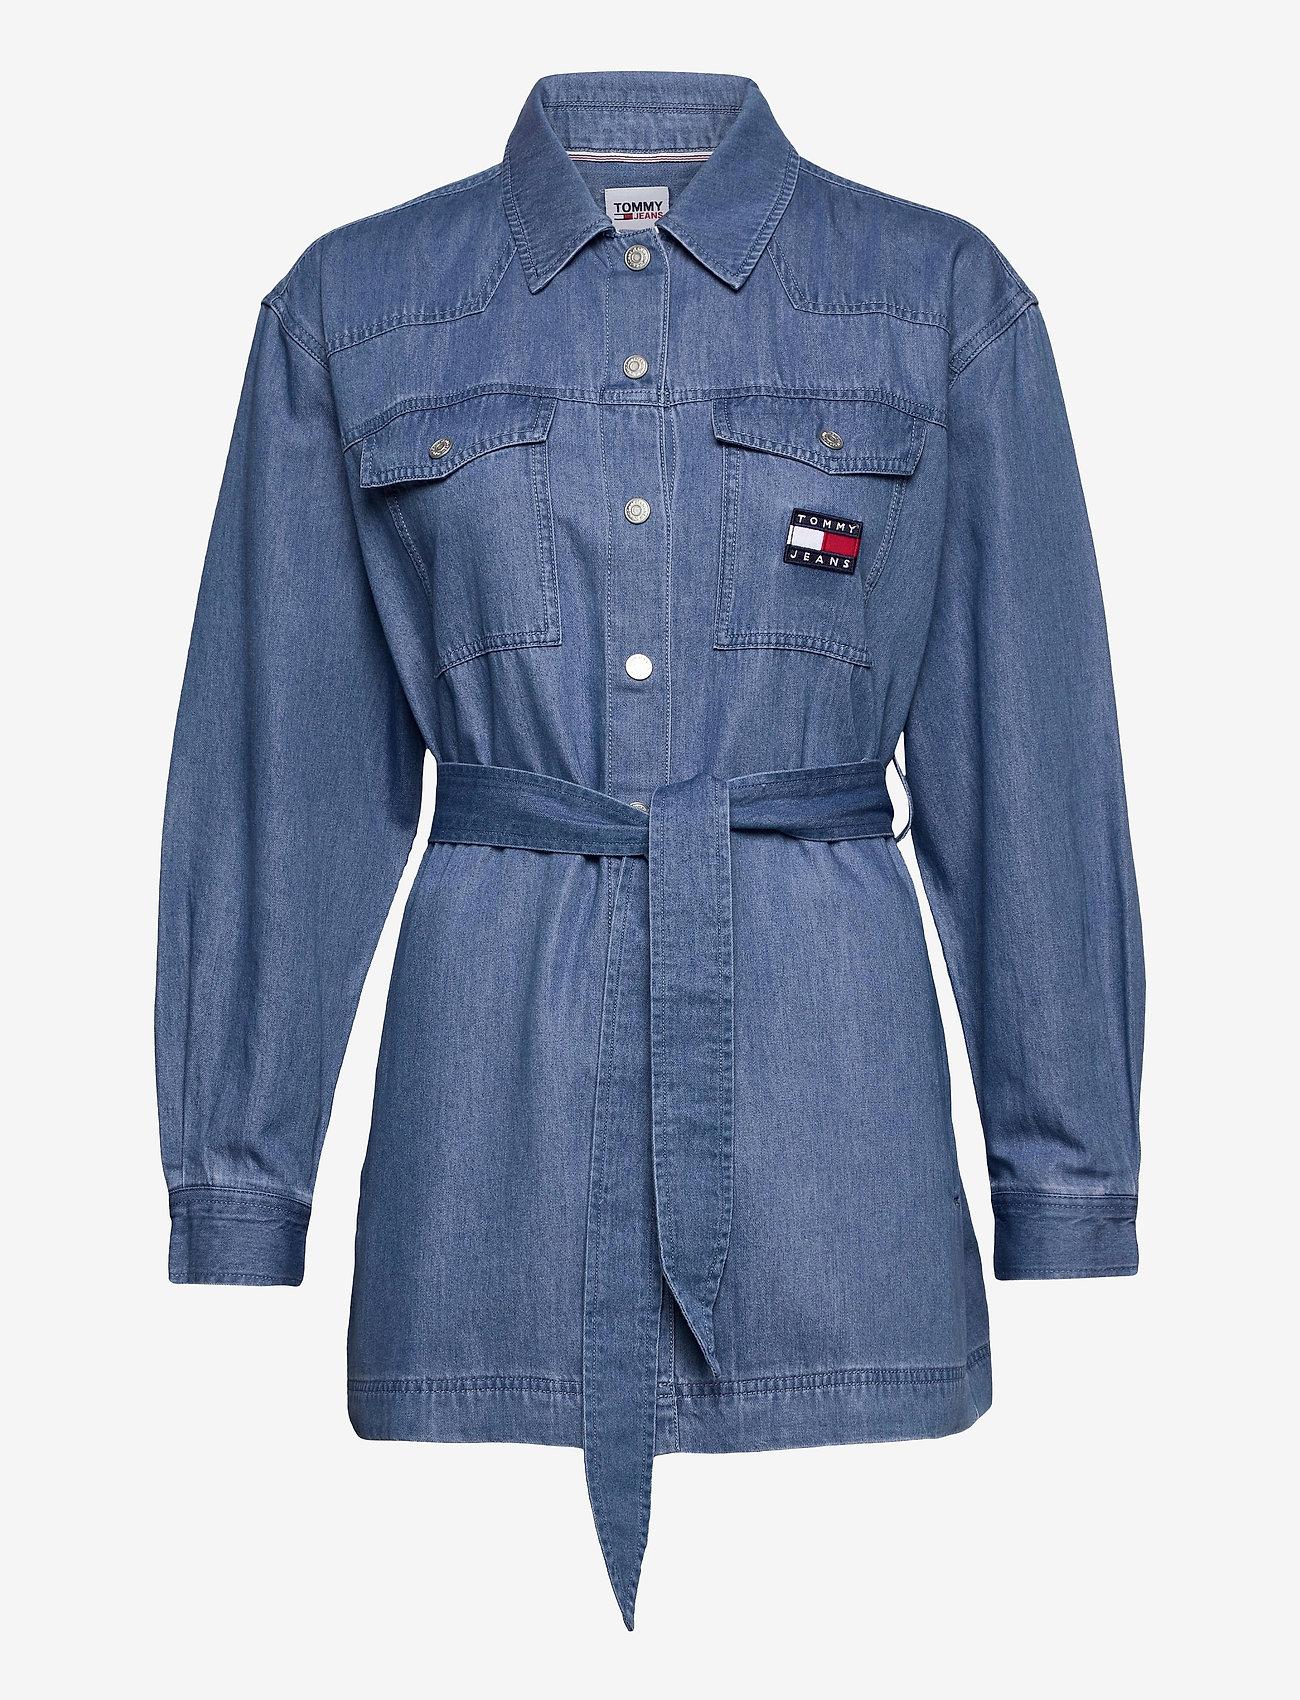 Tommy Jeans - TJW BOYFRIEND BELTED OVERSHIRT - kläder - mid indigo - 0